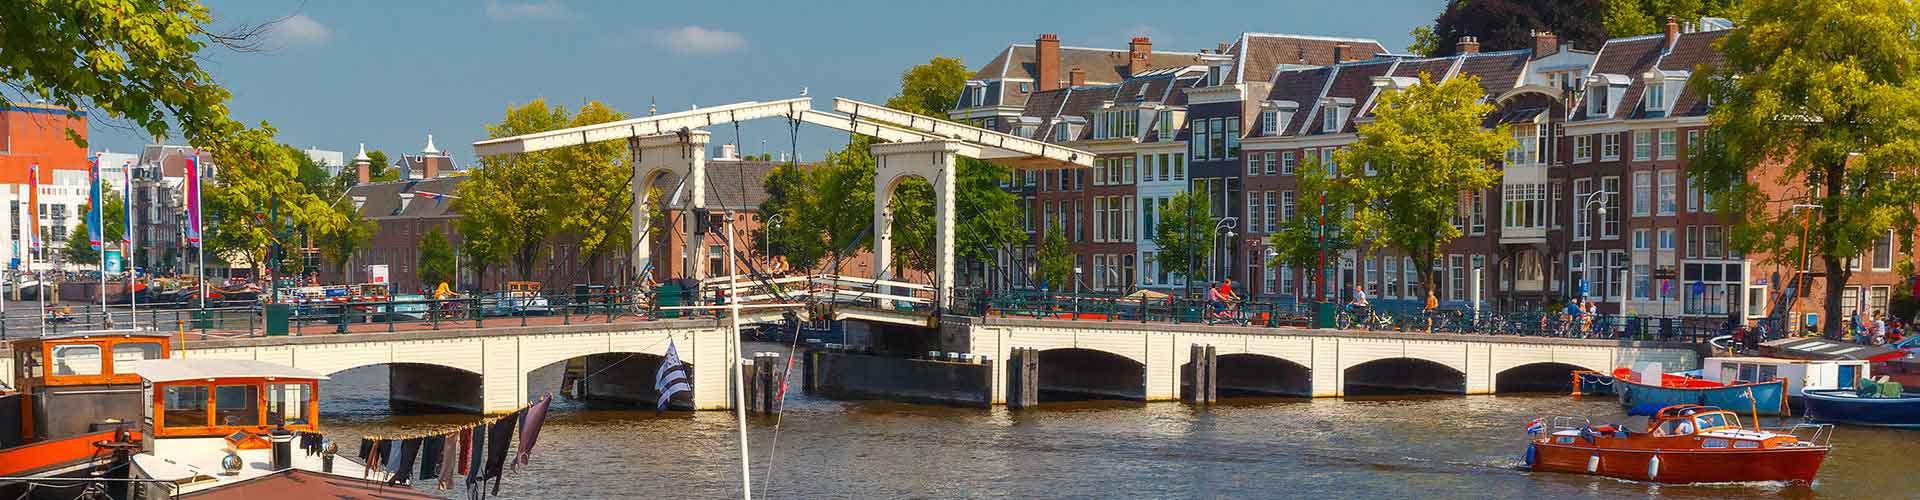 阿姆斯特丹 – 瘦桥附近的露营地。阿姆斯特丹地图,阿姆斯特丹每个露营地的照片和评价。